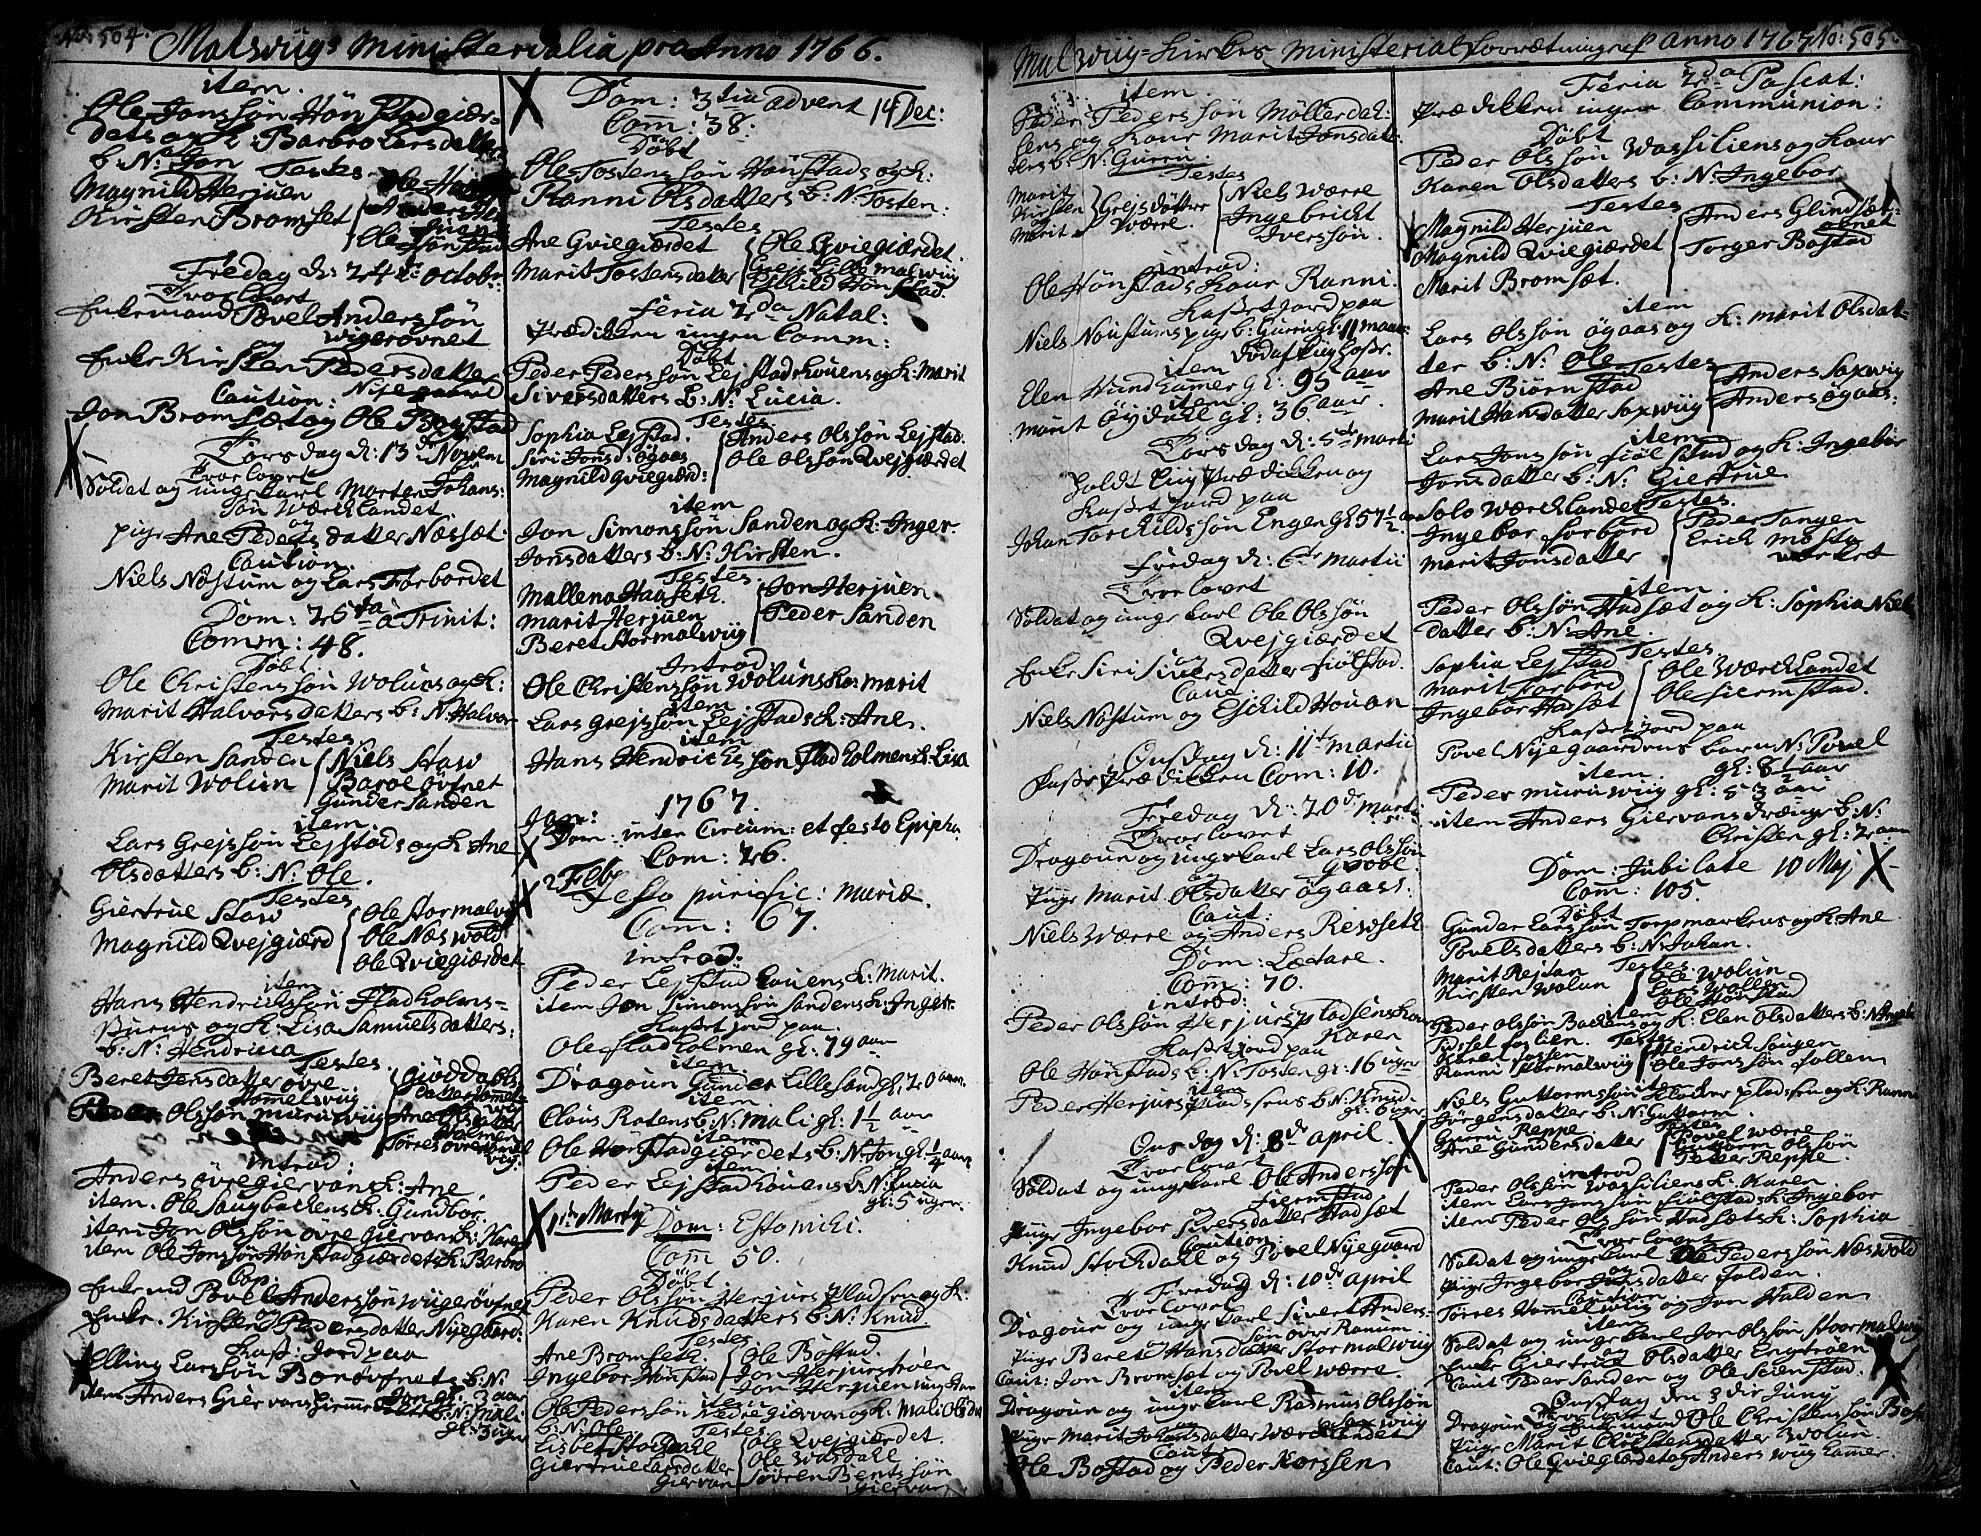 SAT, Ministerialprotokoller, klokkerbøker og fødselsregistre - Sør-Trøndelag, 606/L0277: Ministerialbok nr. 606A01 /3, 1727-1780, s. 504-505